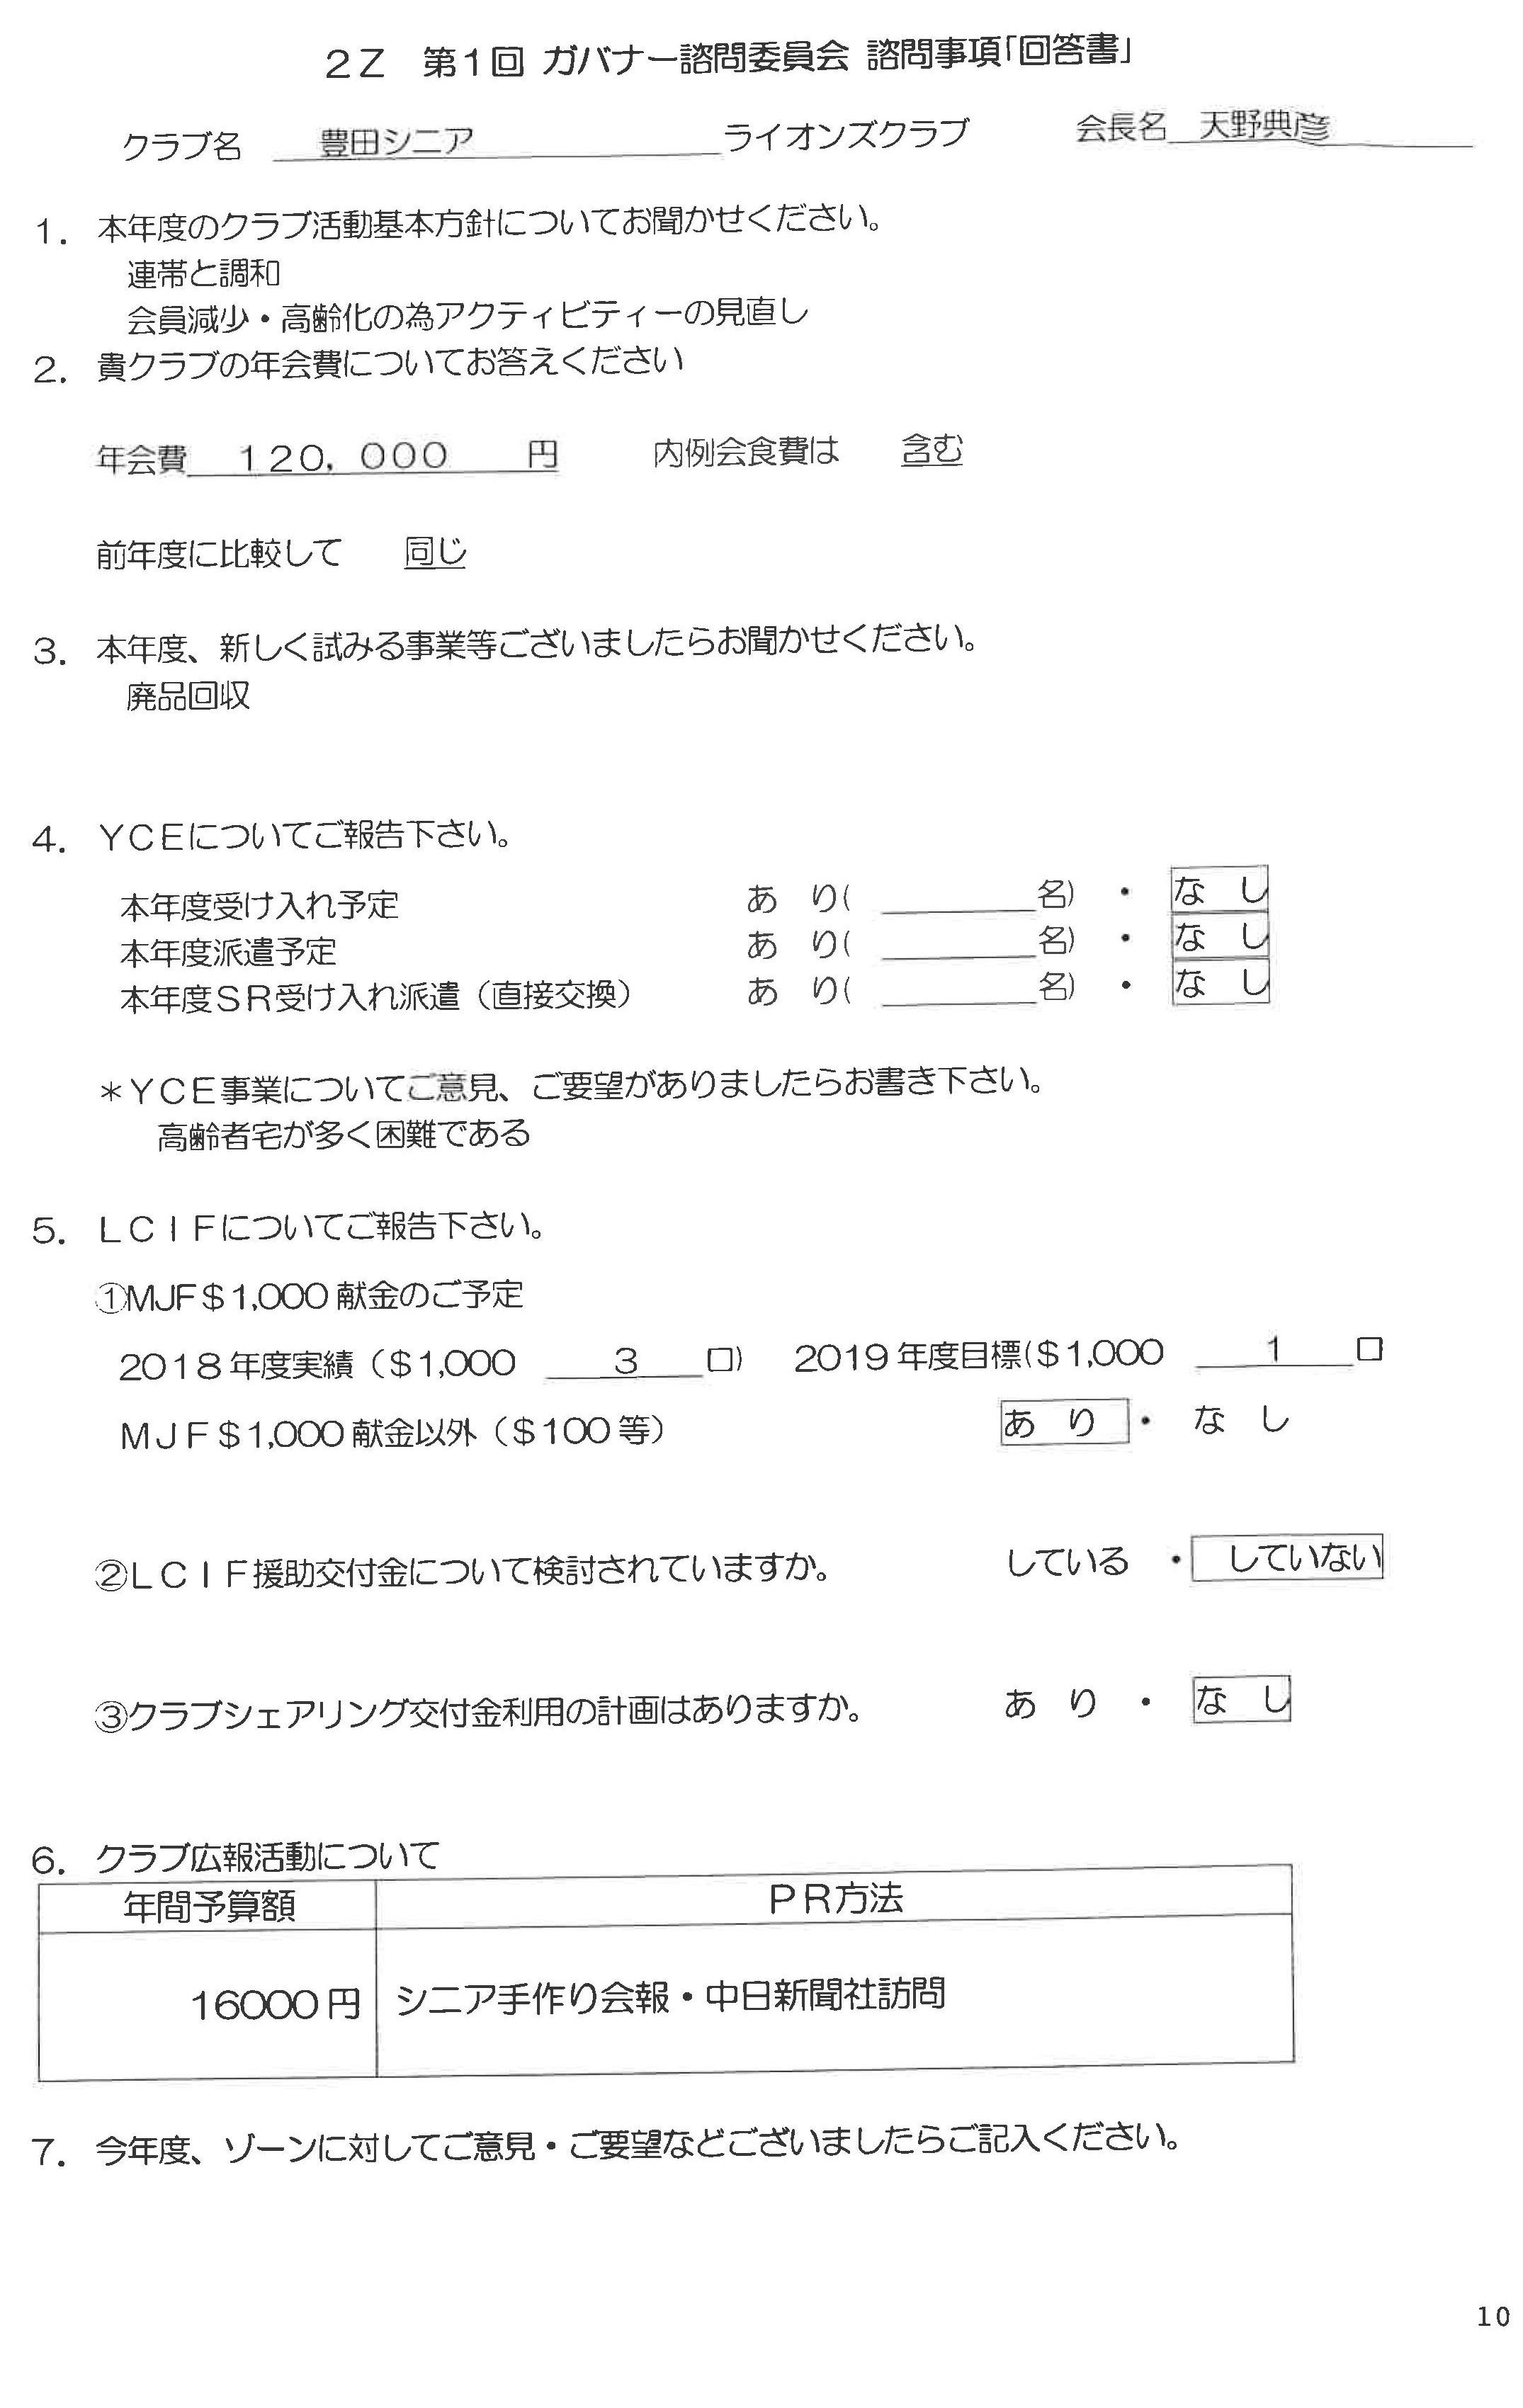 12第1回G諮問委員会Z会議 豊田シニアLC諮問事項(回答書)1